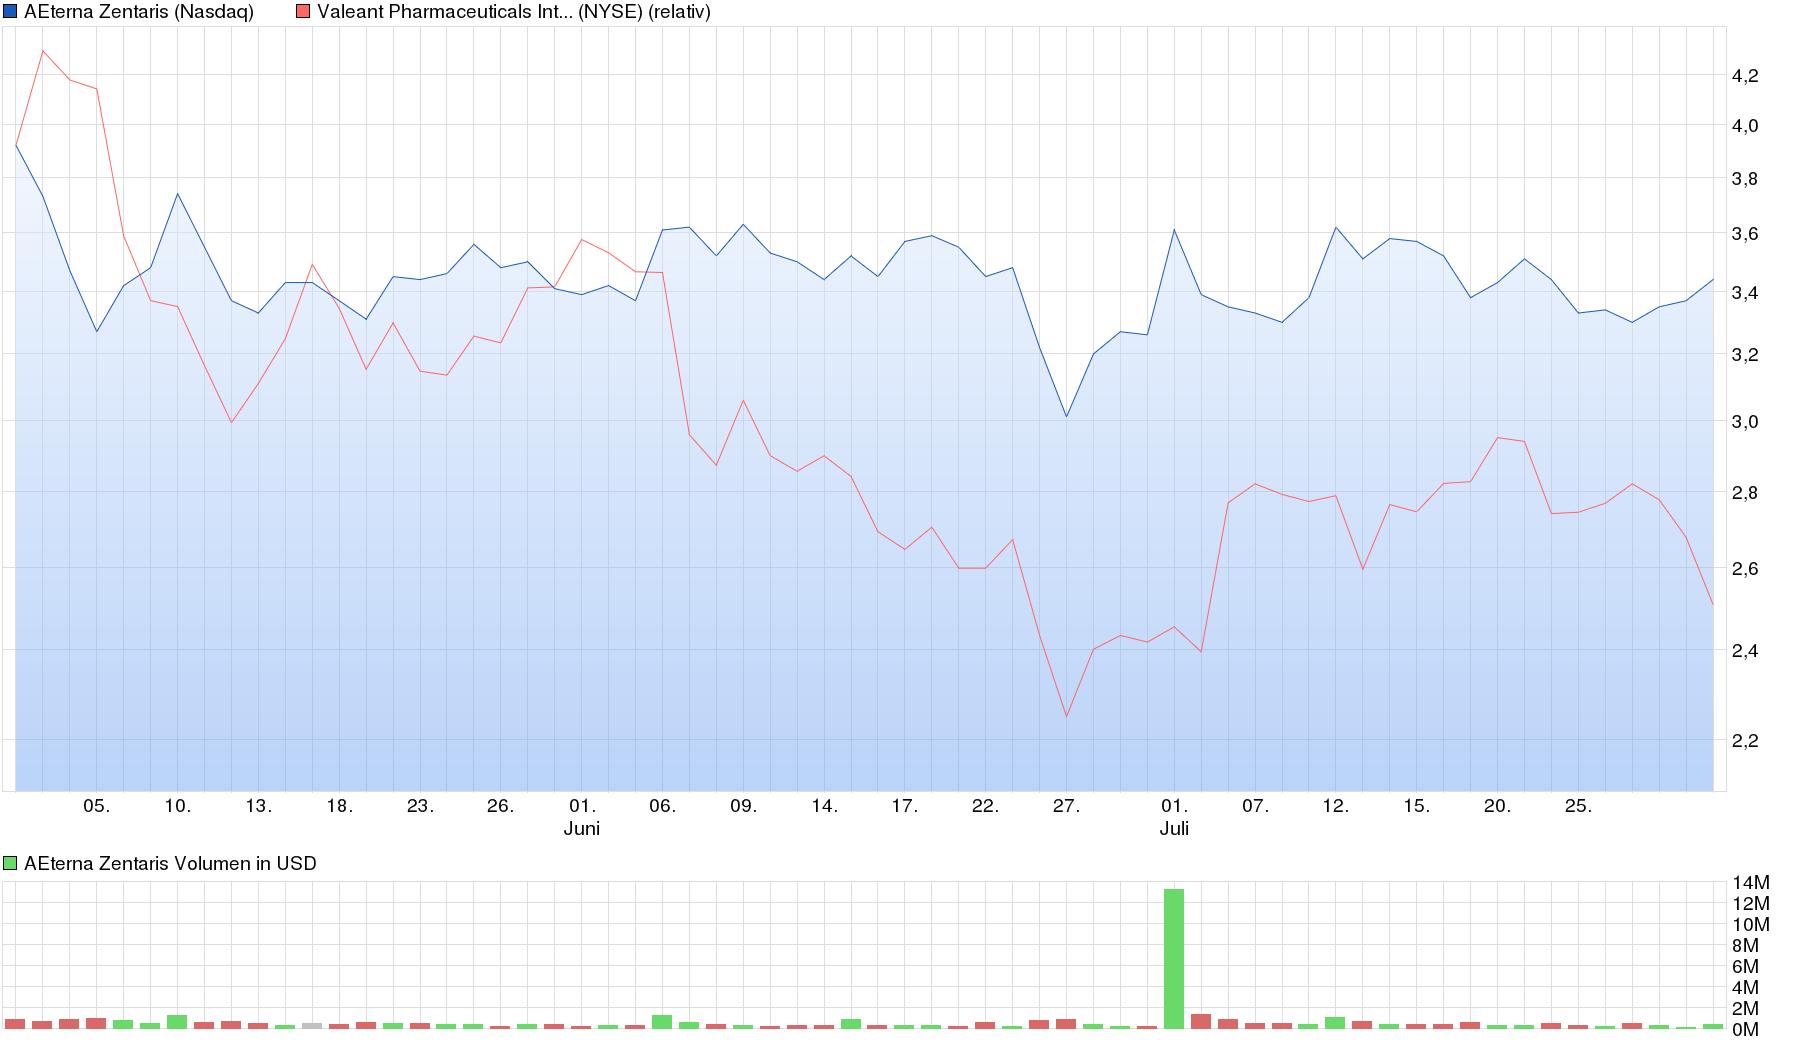 chart_quarter_aeternazentaris.png